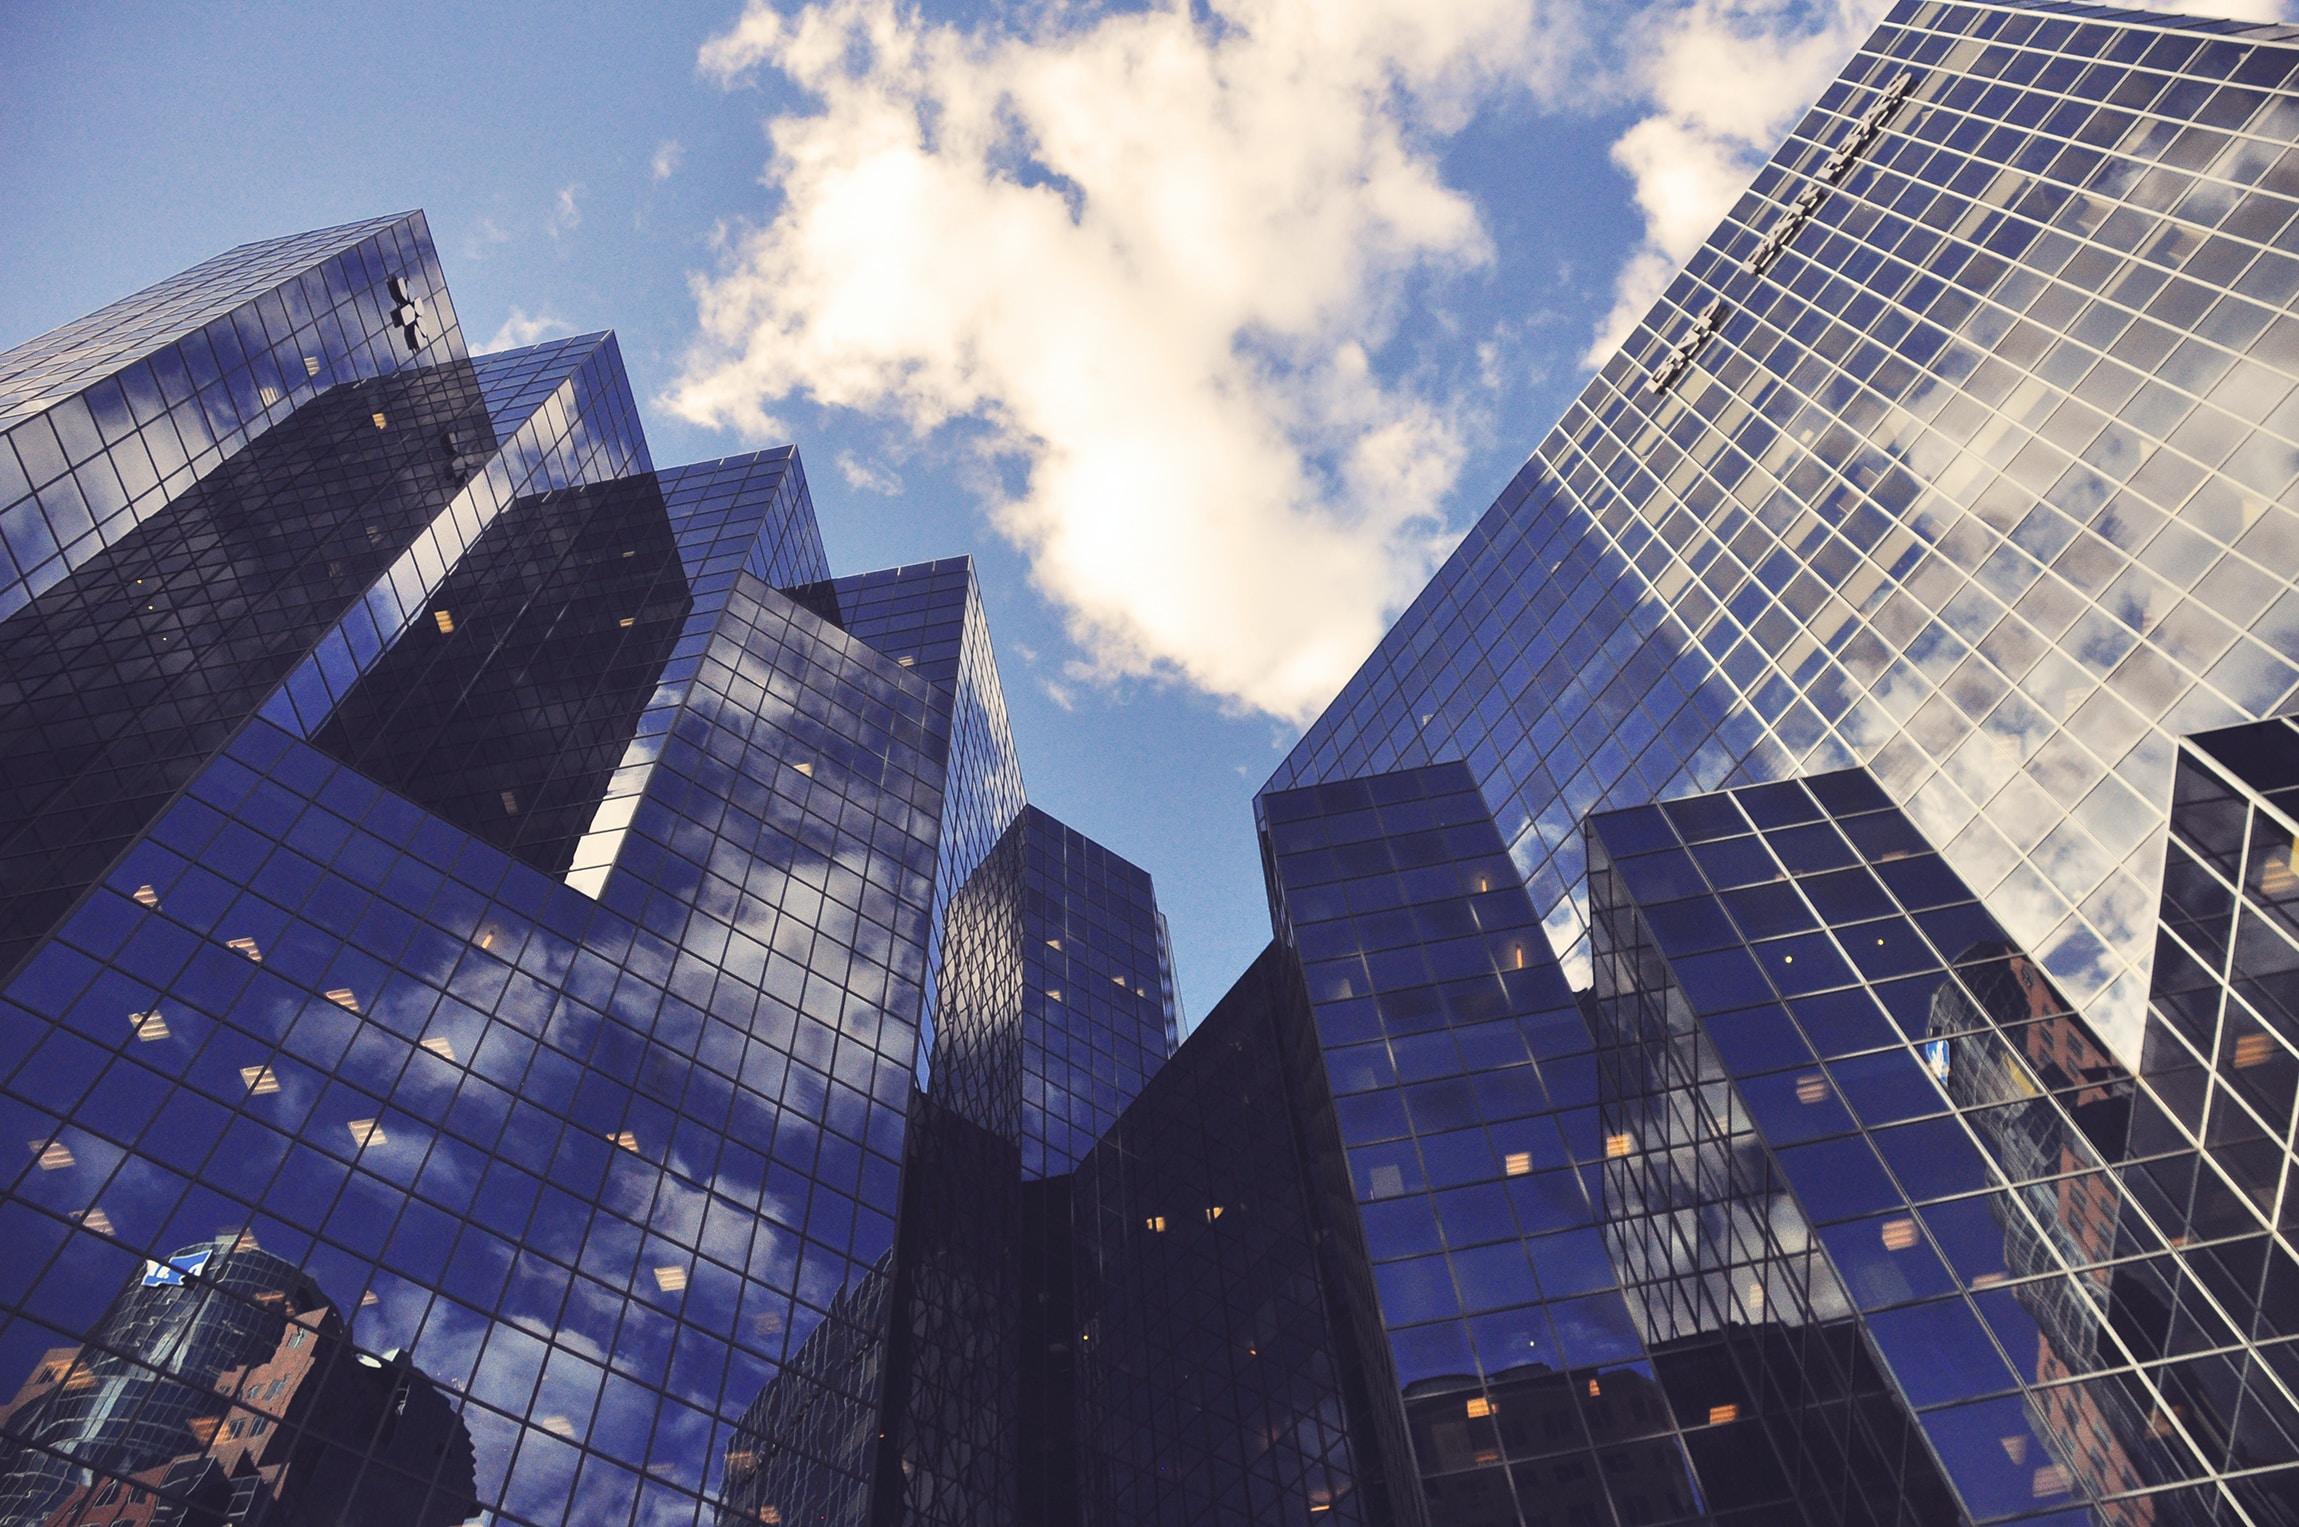 調查:疫情推動銀行轉型,54% 銀行料風險管理模型能力更趨現代化